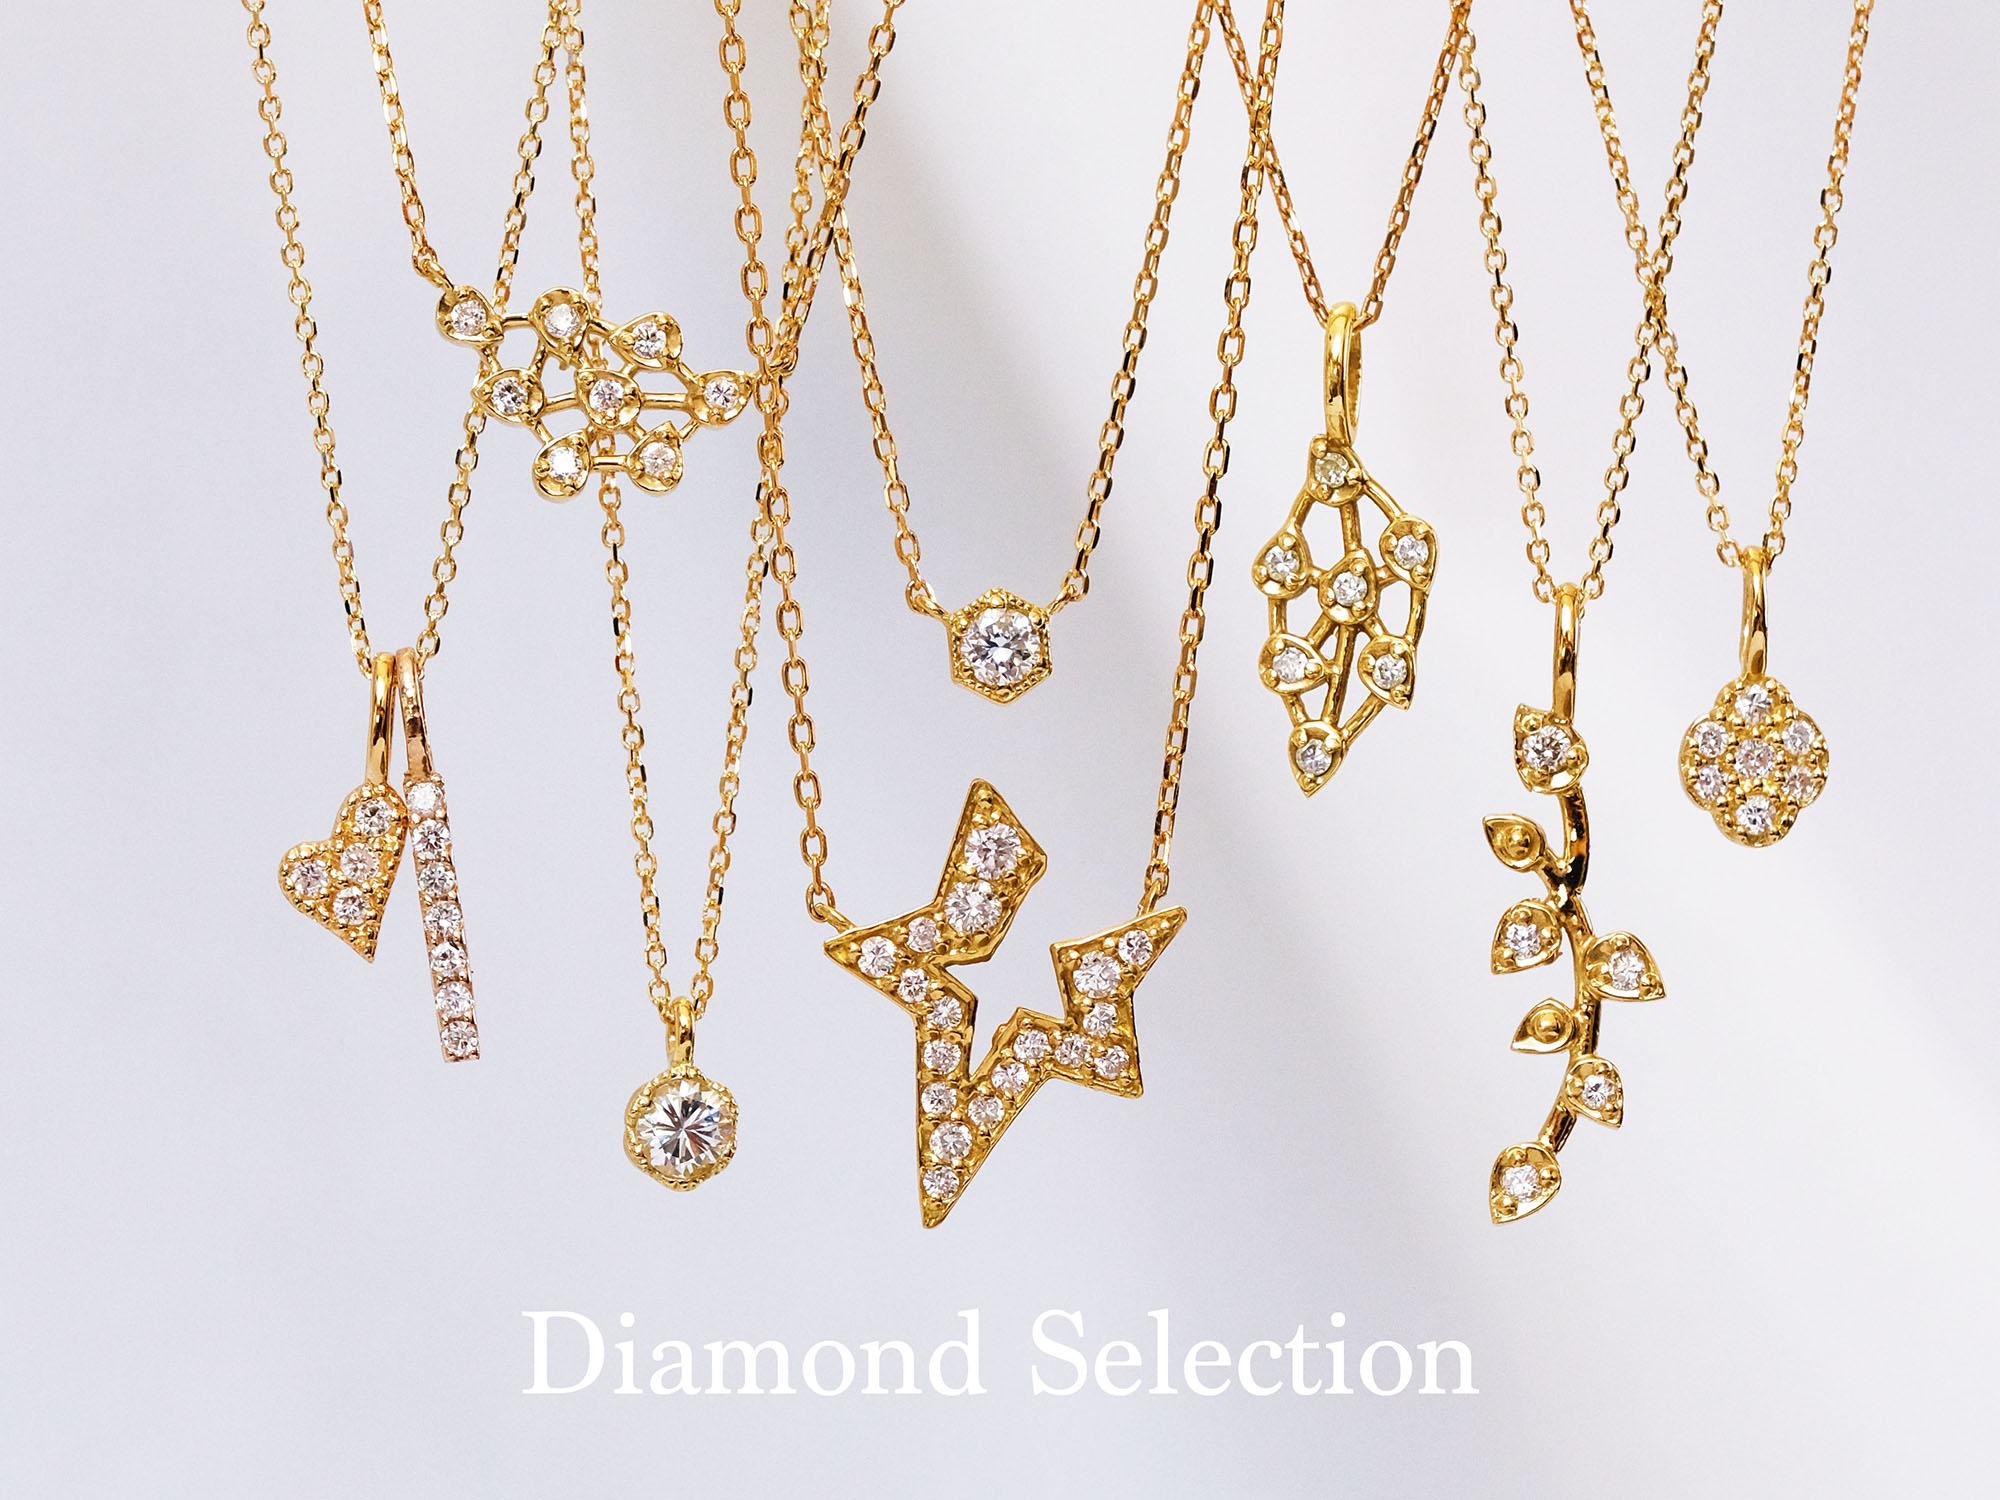 Dimond Selection